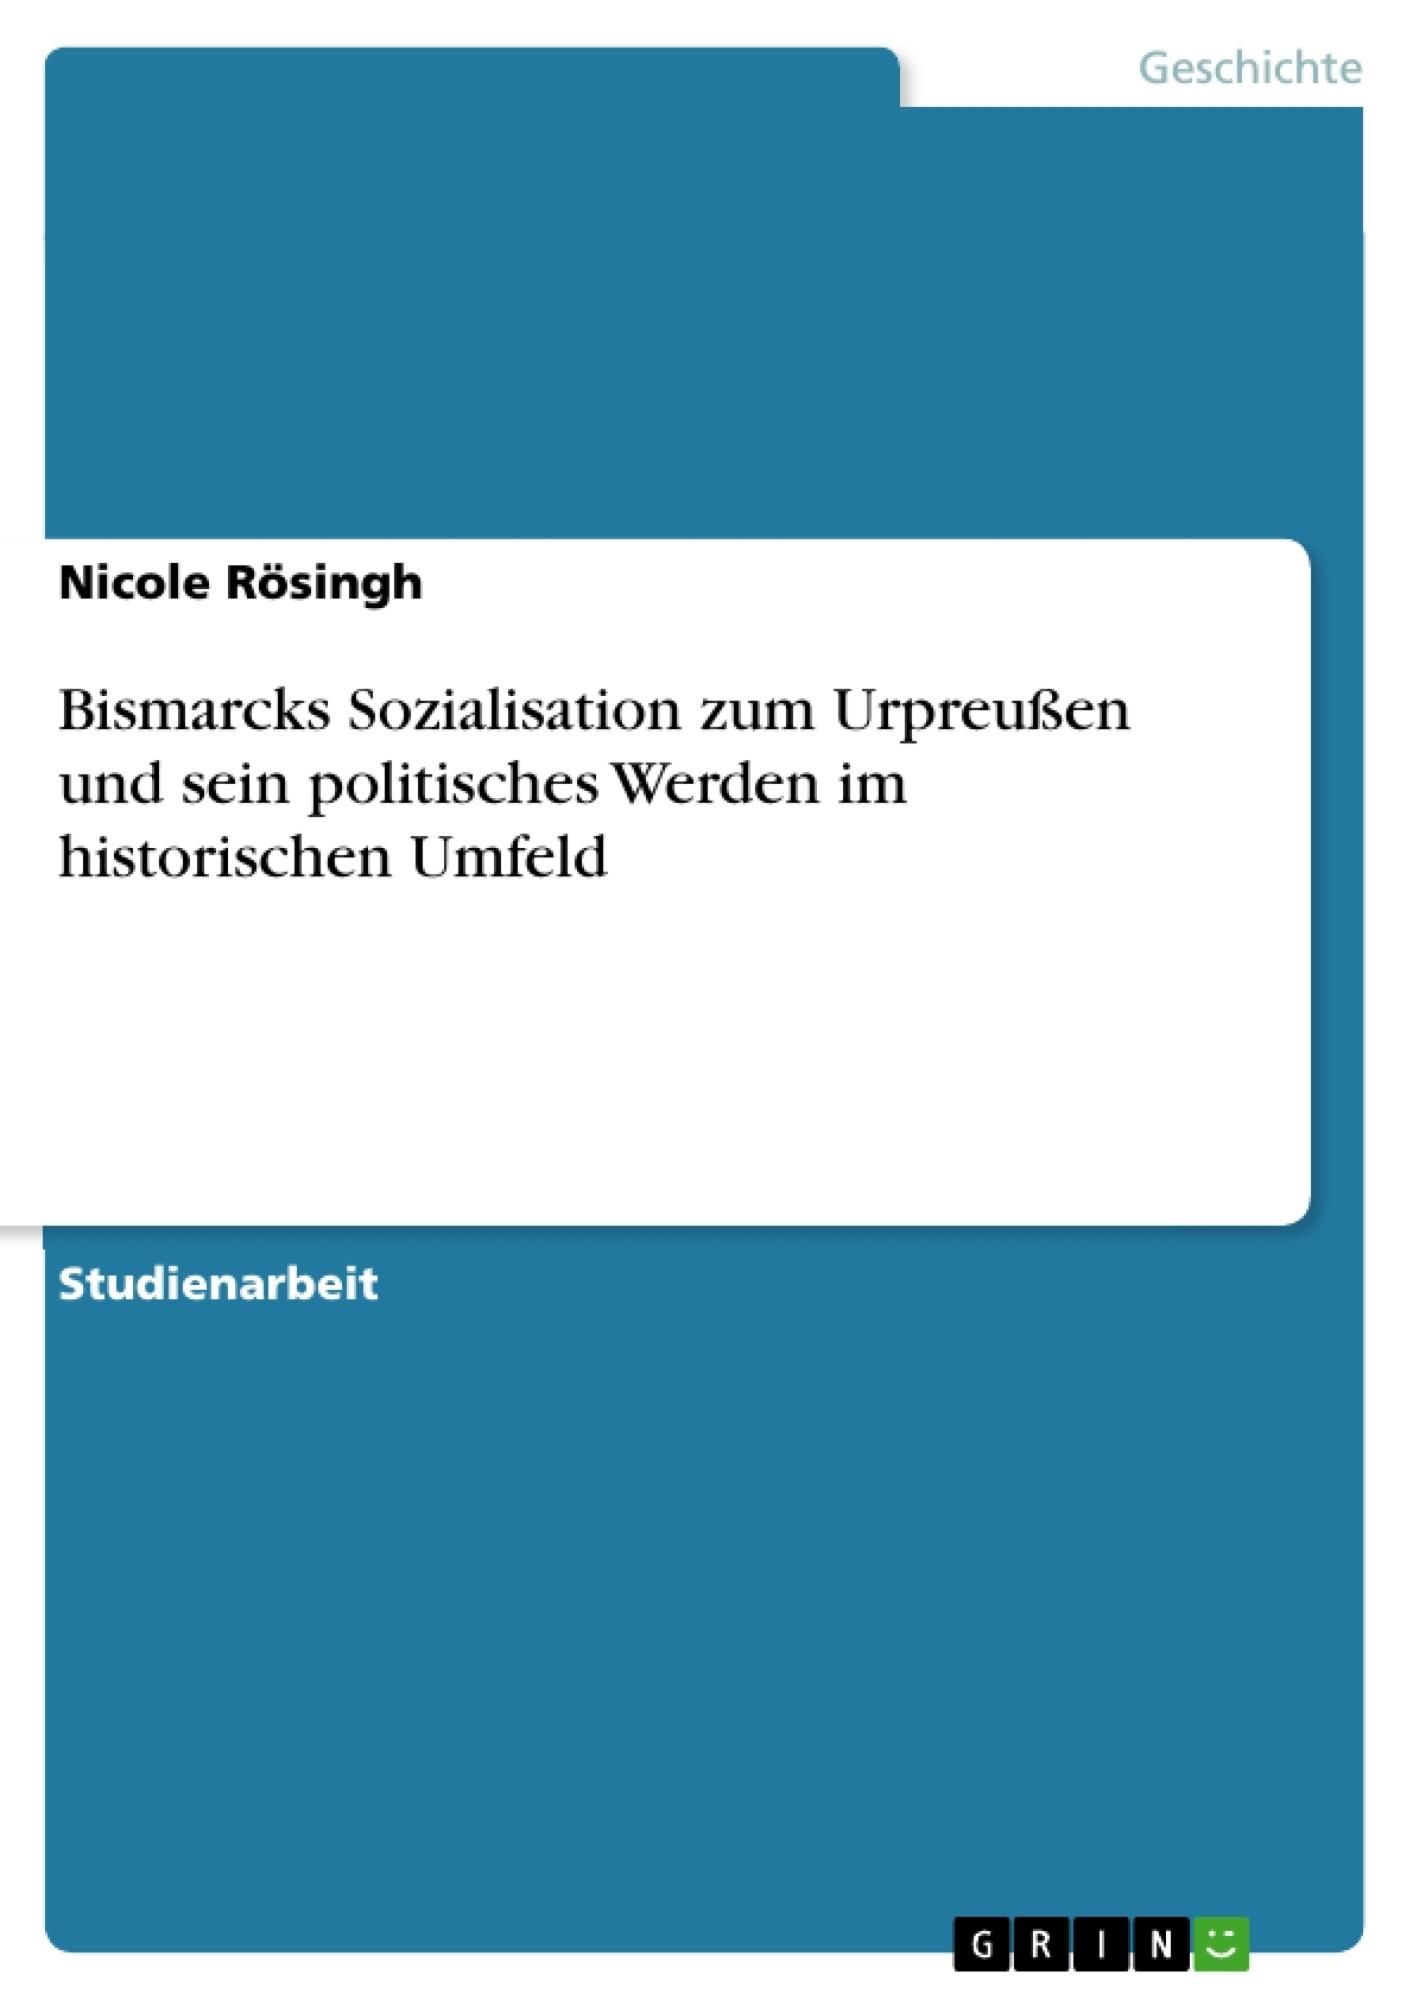 Titel: Bismarcks Sozialisation zum Urpreußen und sein politisches Werden im historischen Umfeld